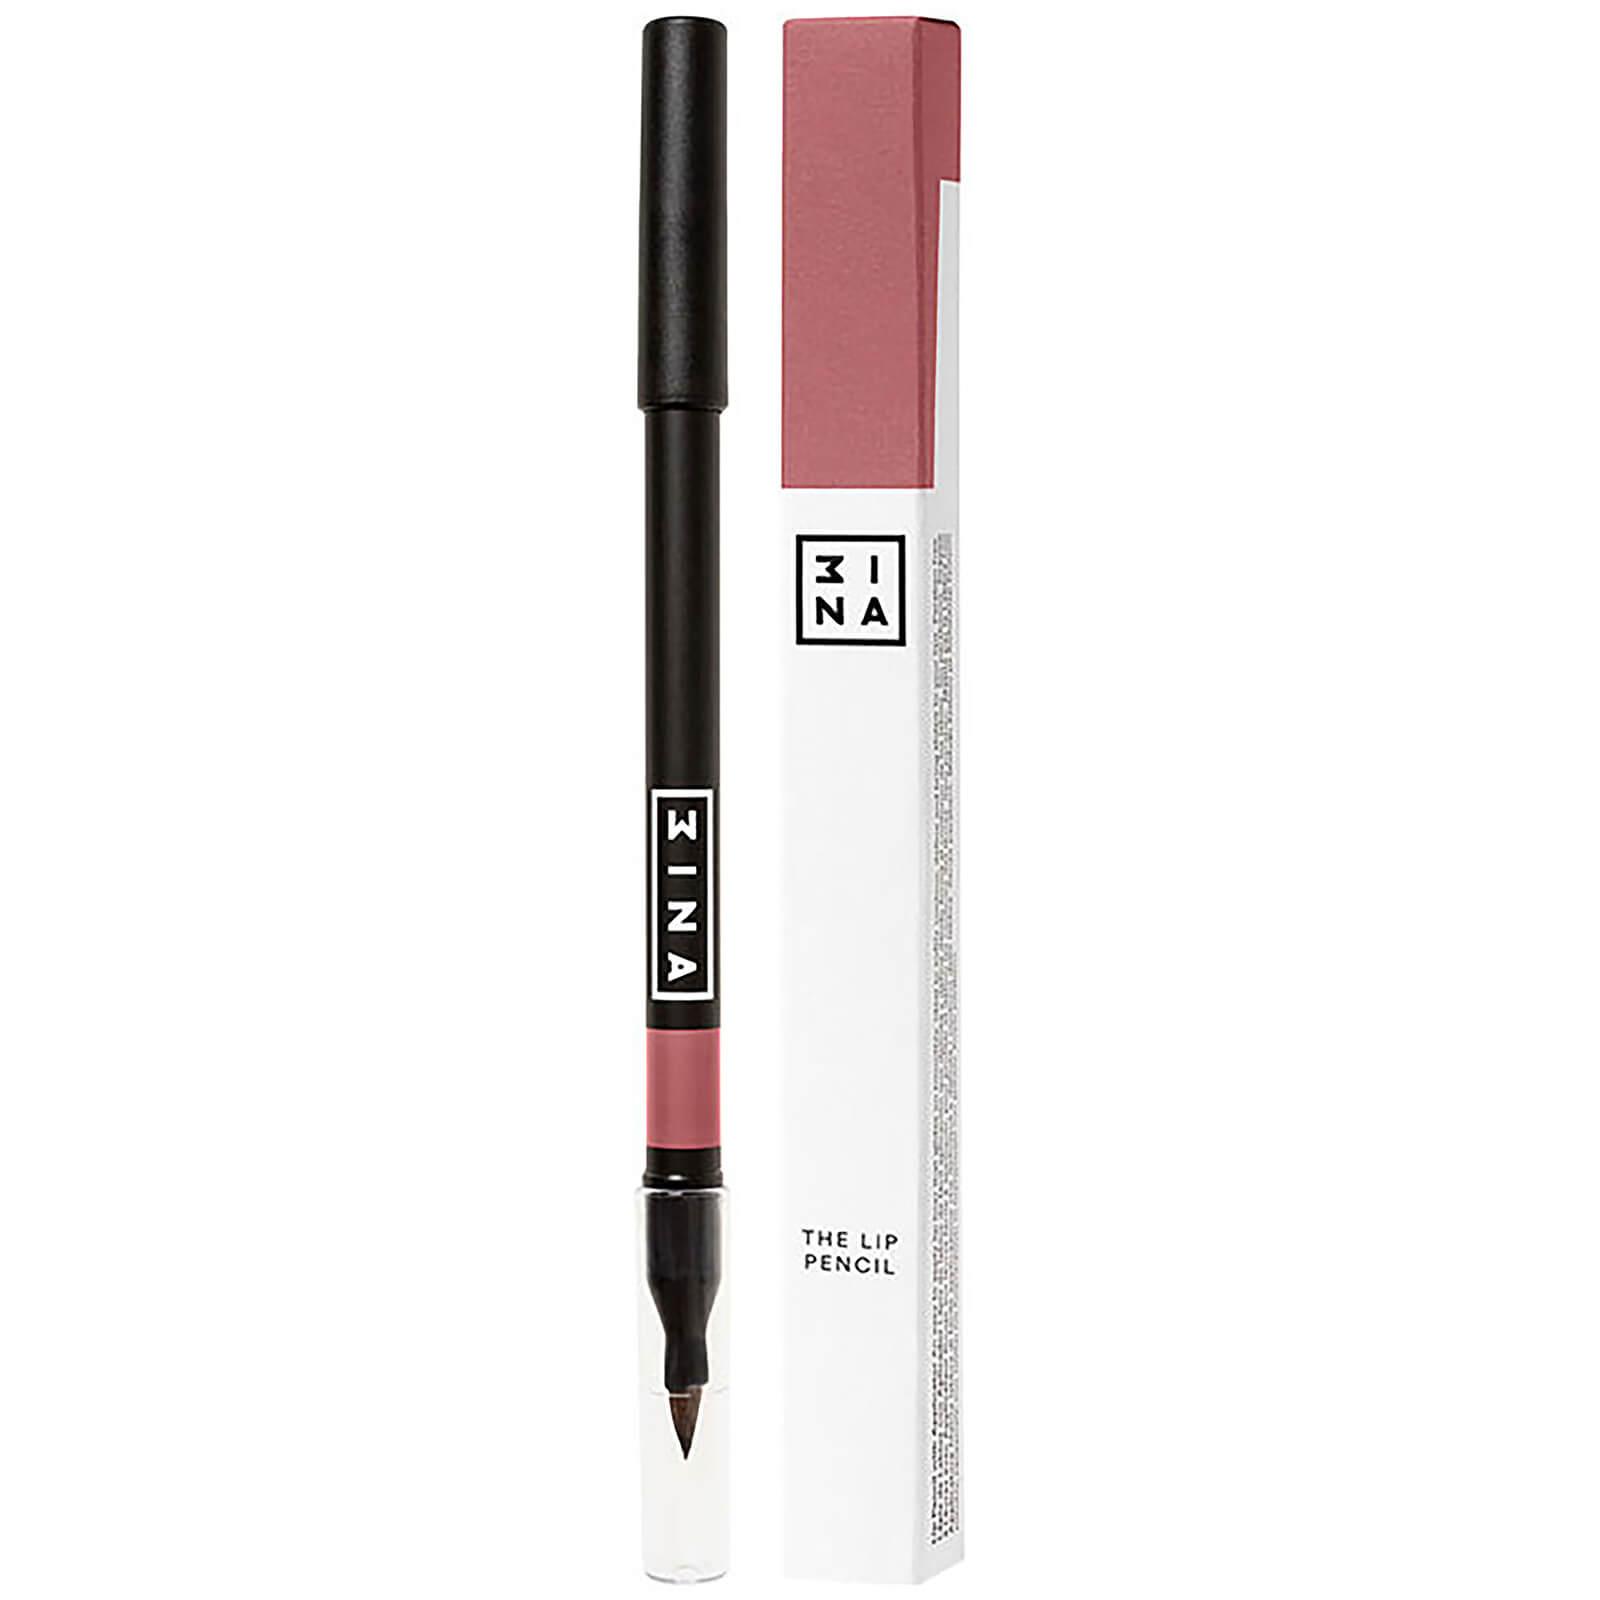 3INA Makeup Crayon à Lèvres avec Applicateur 3INA (plusieurs teintes disponibles) - 503